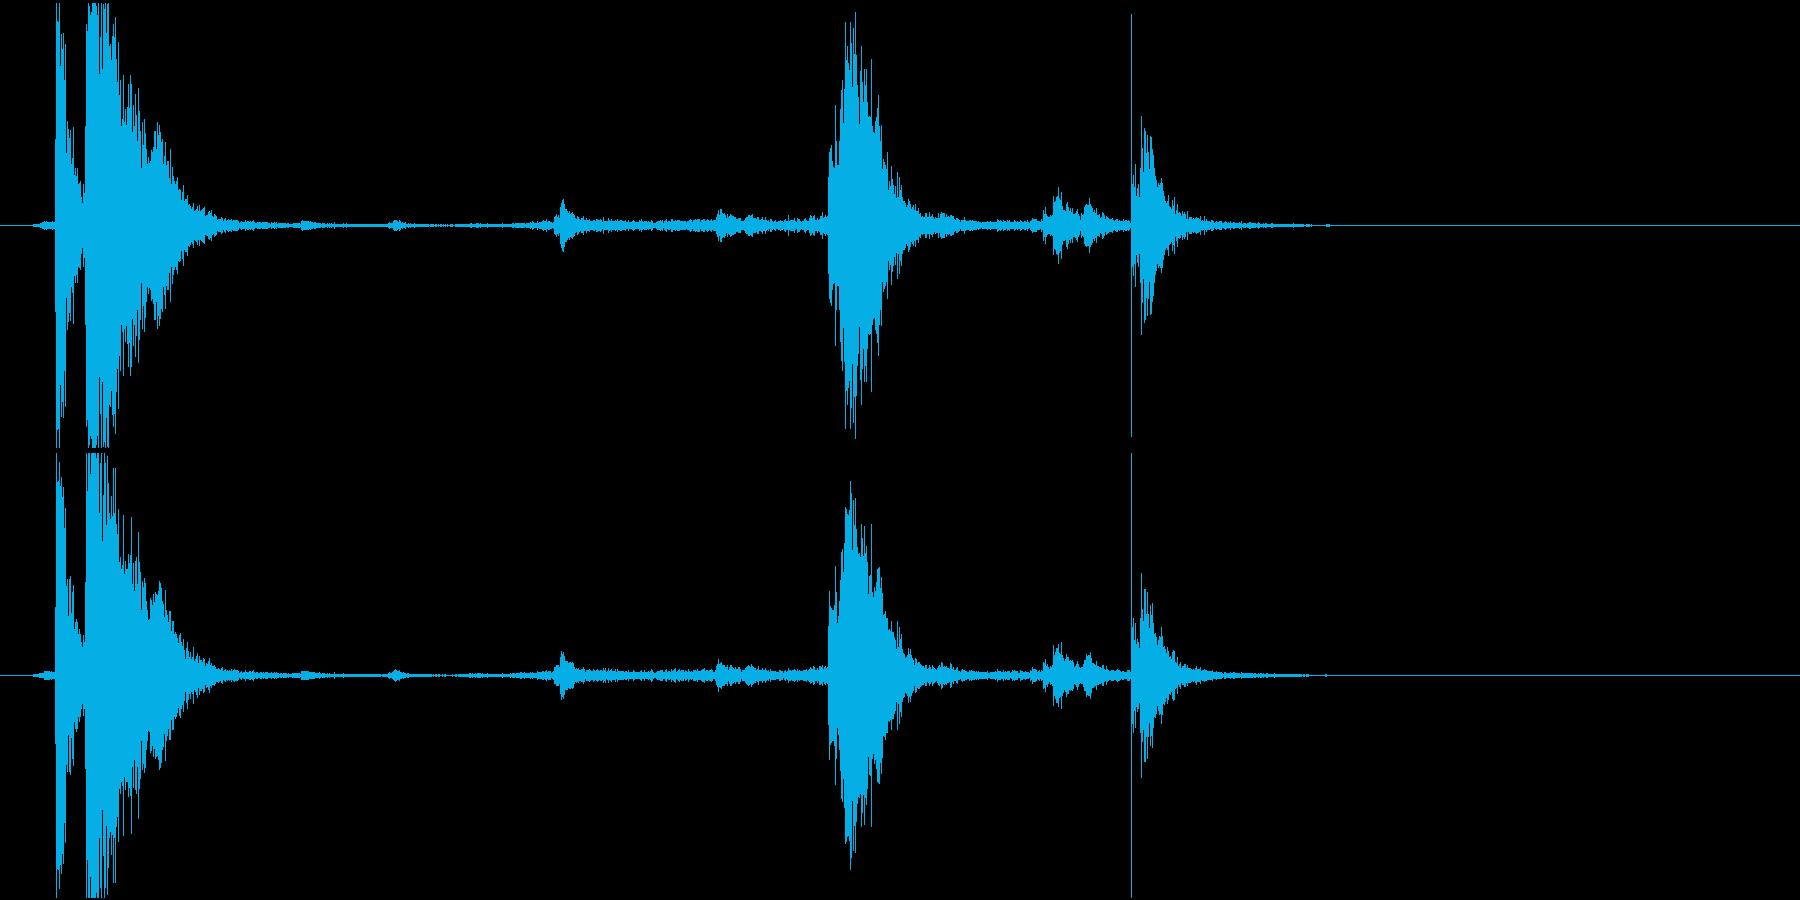 【生録音】 魚焼きグリルをせり出す音の再生済みの波形